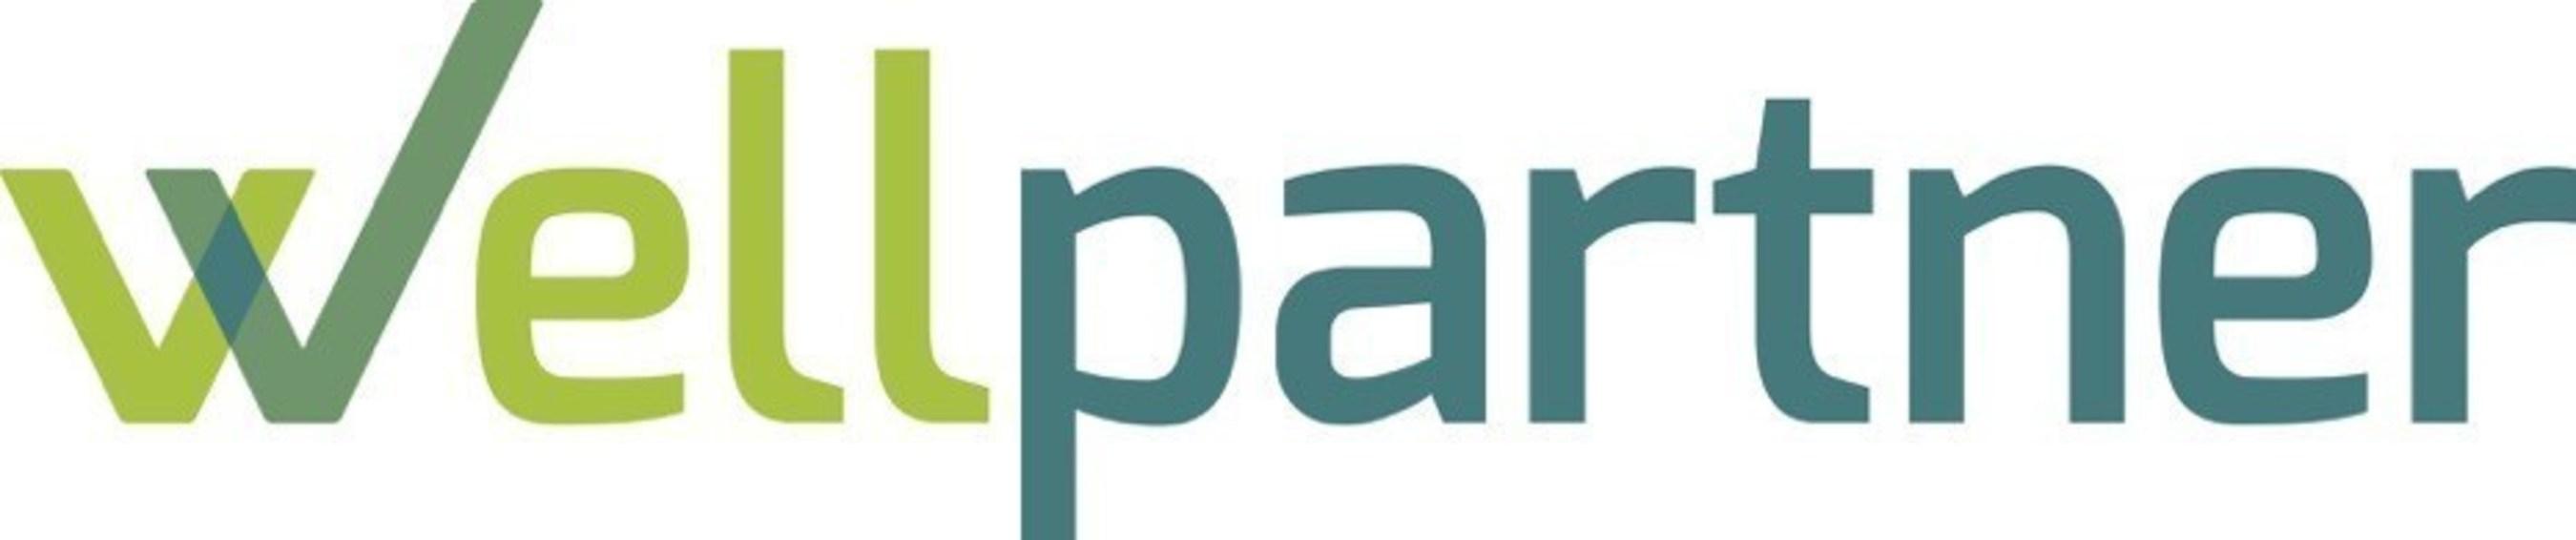 Wellpartner Logo.